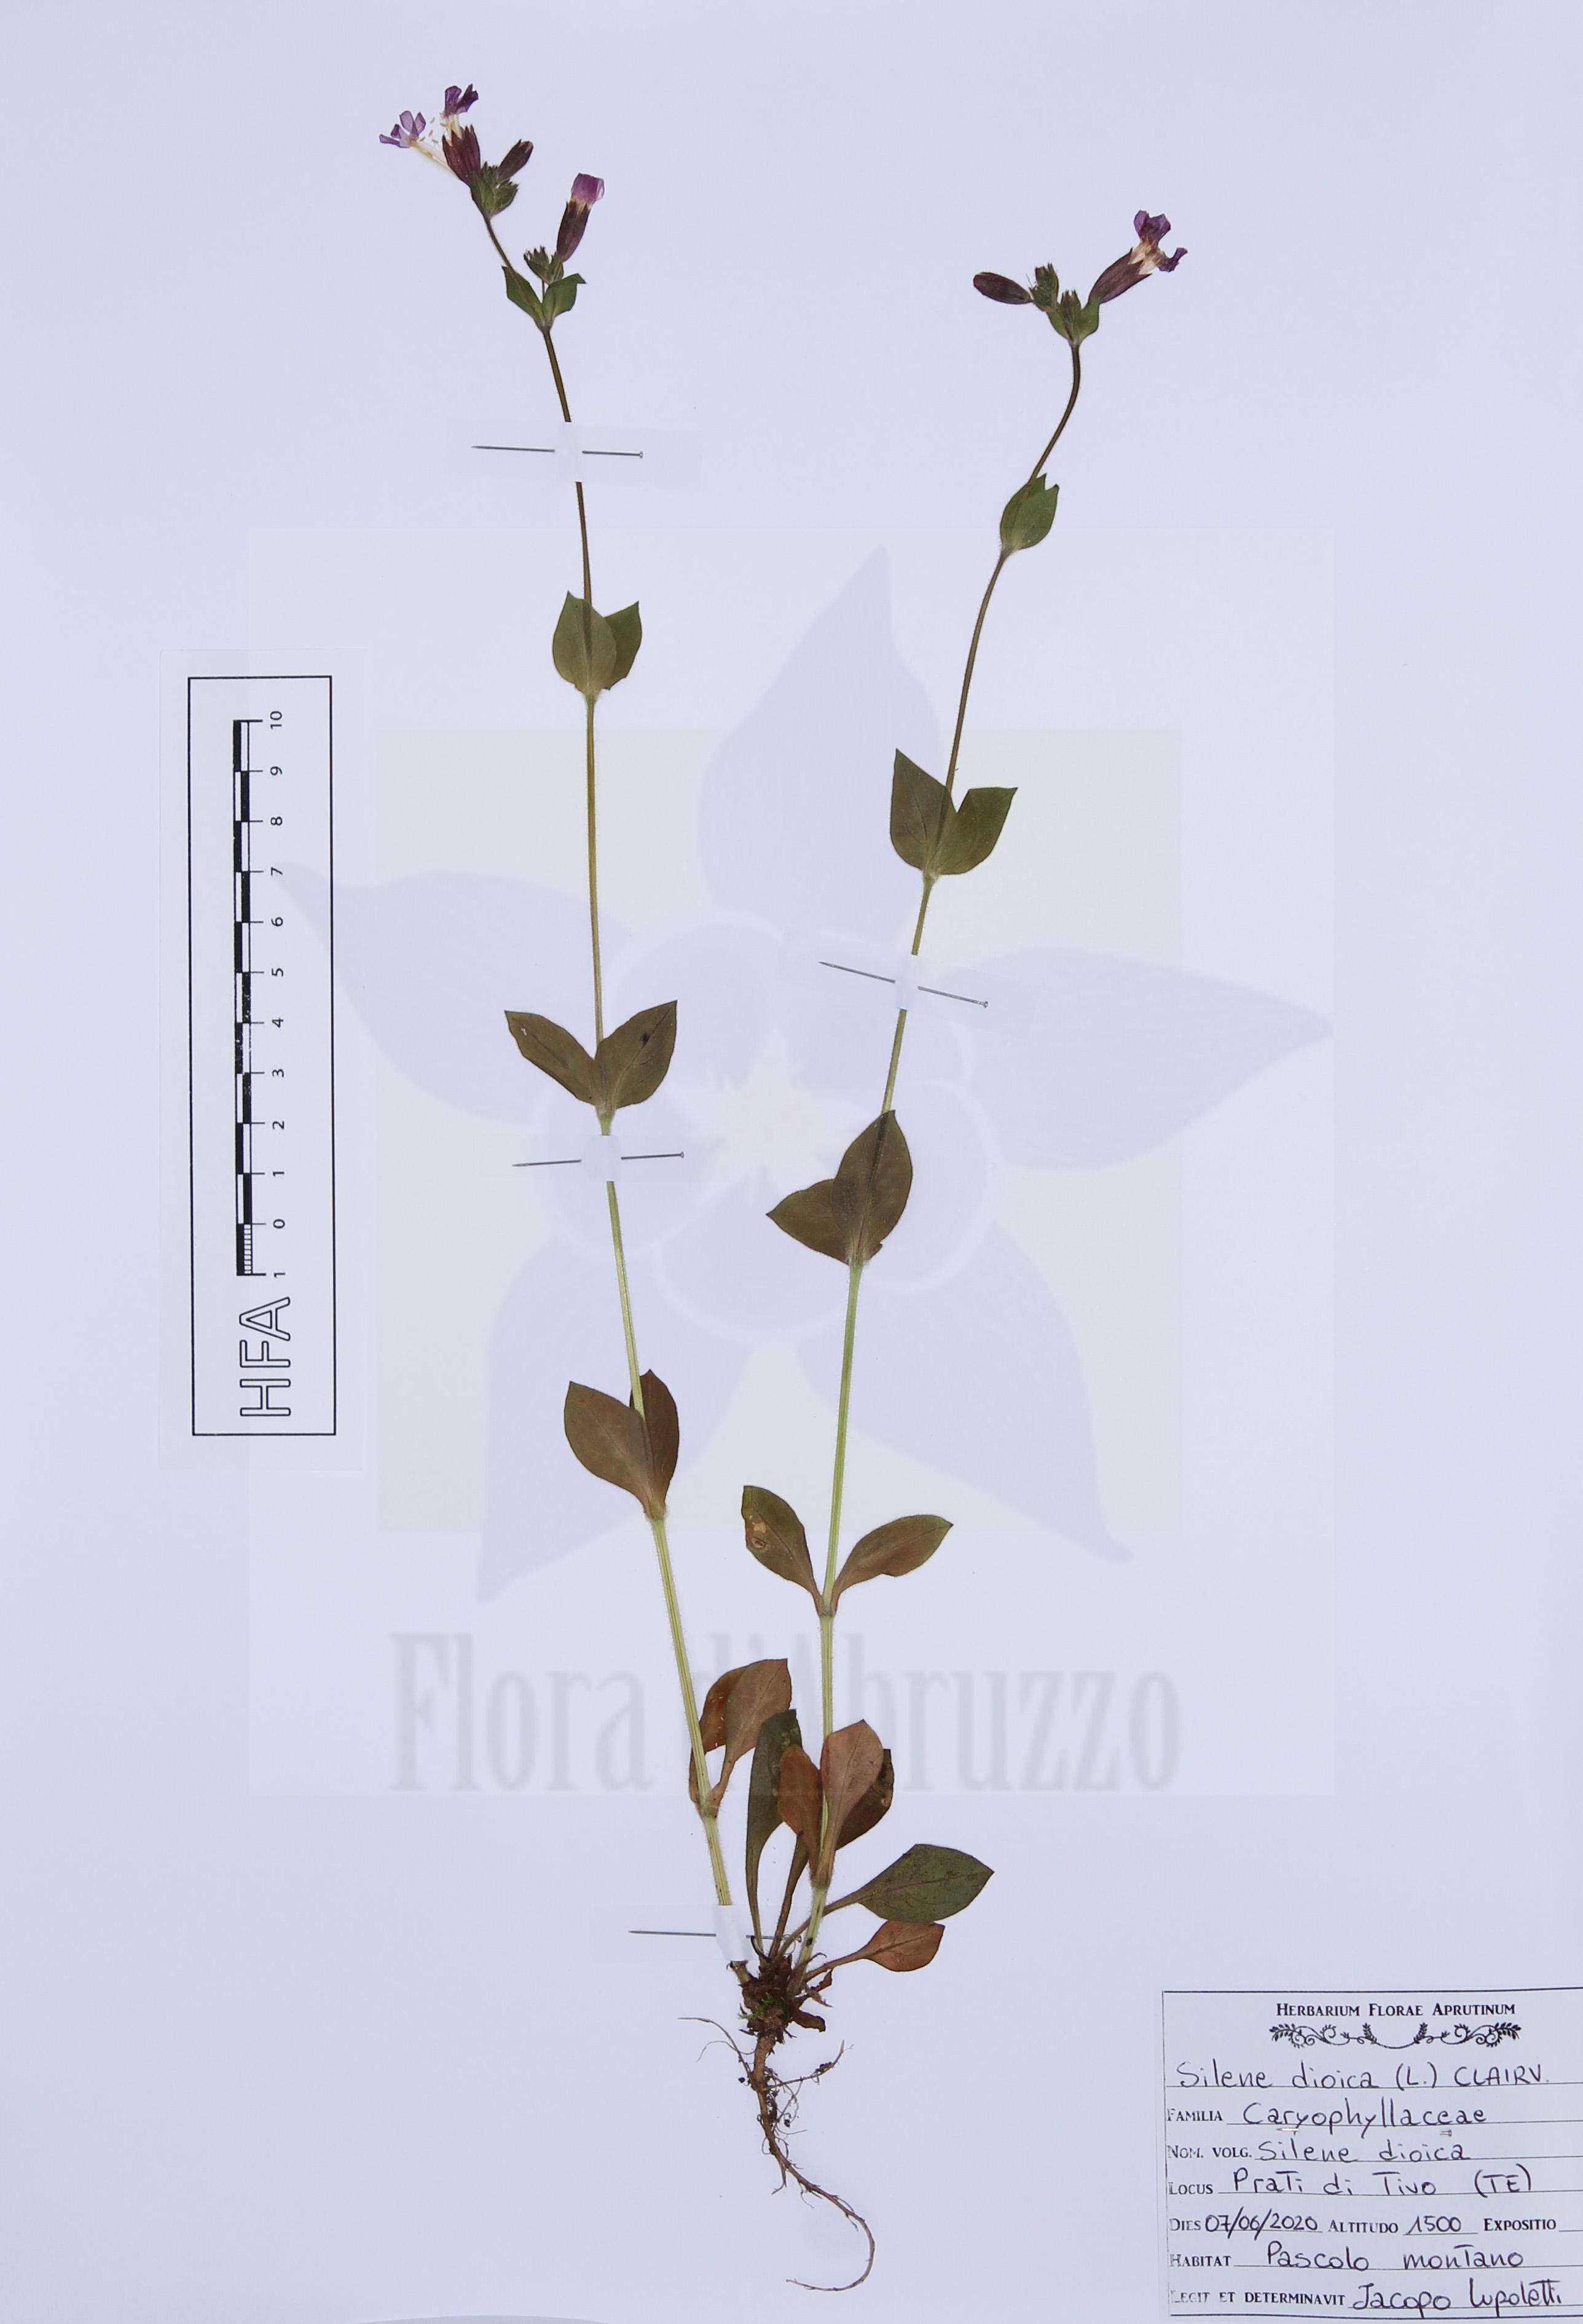 Silene dioica(L.) Clairv.